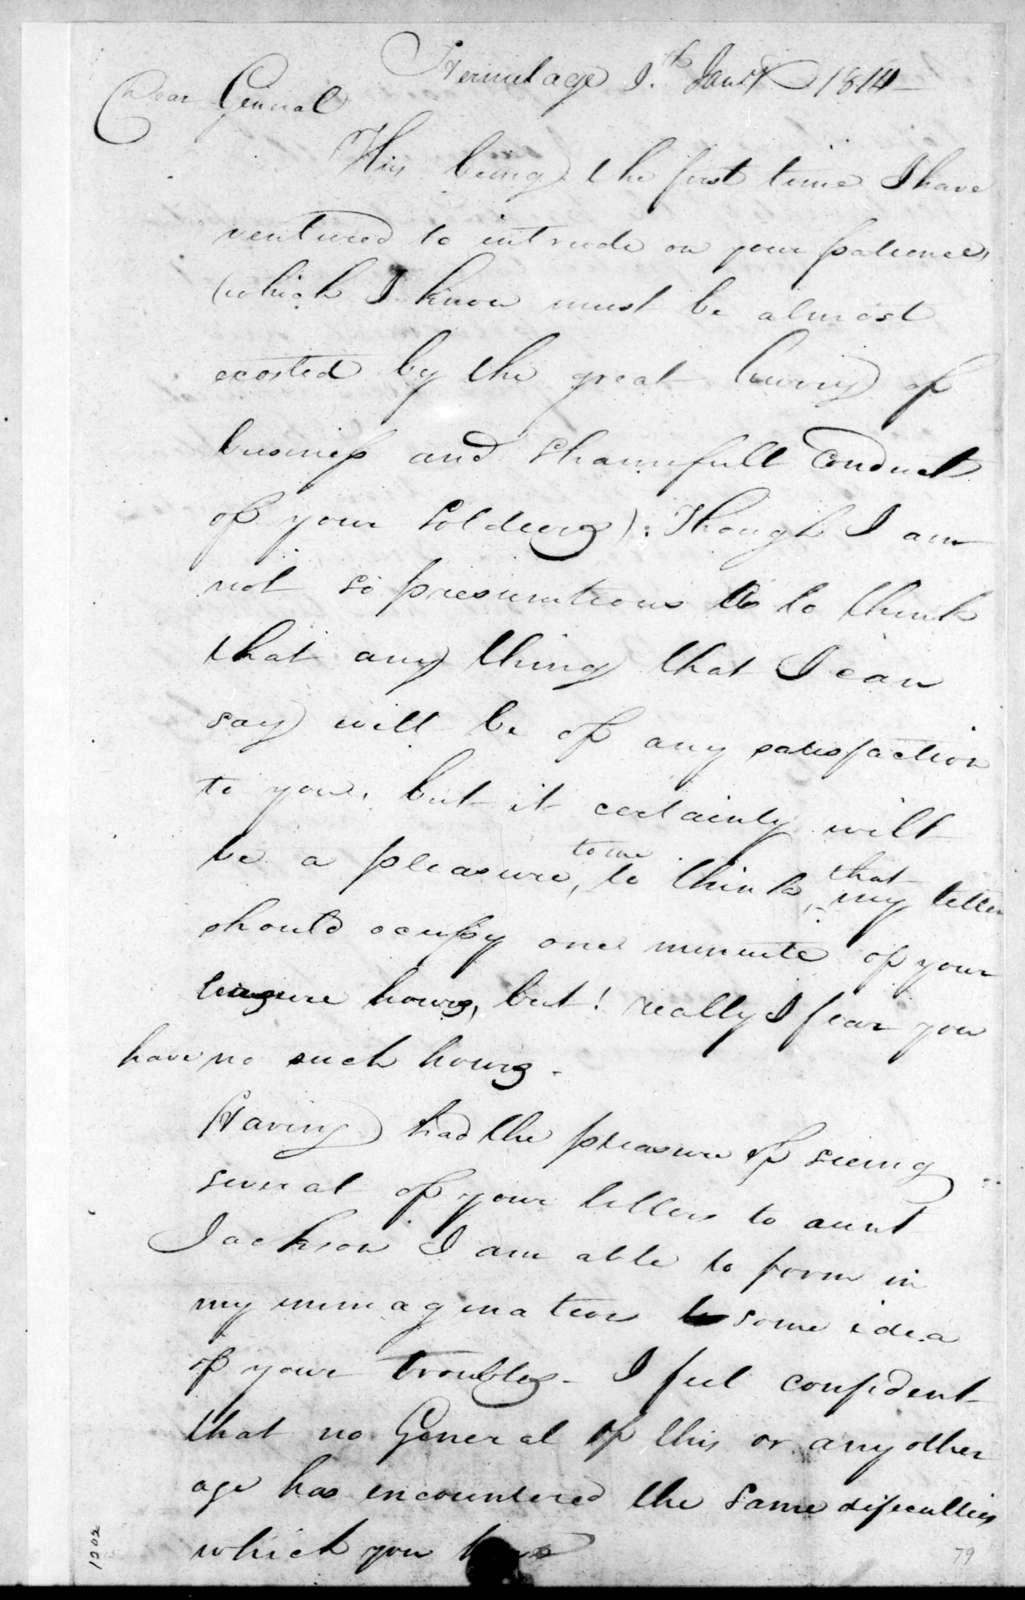 David V. Walker to Andrew Jackson, January 9, 1814